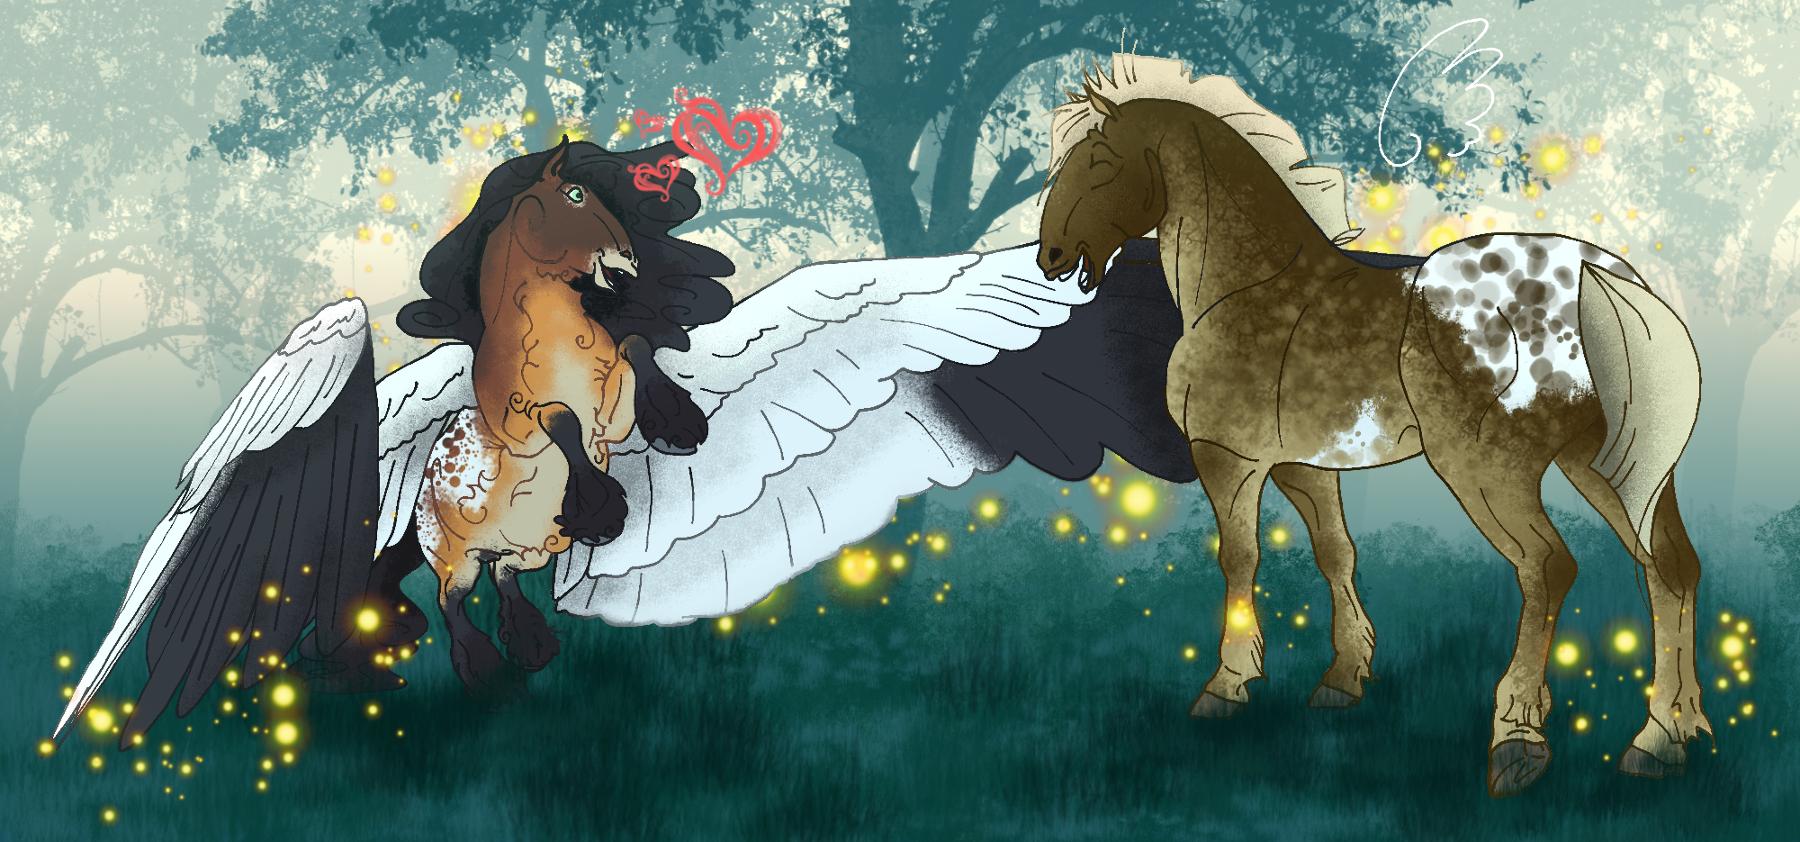 Courtship Dances